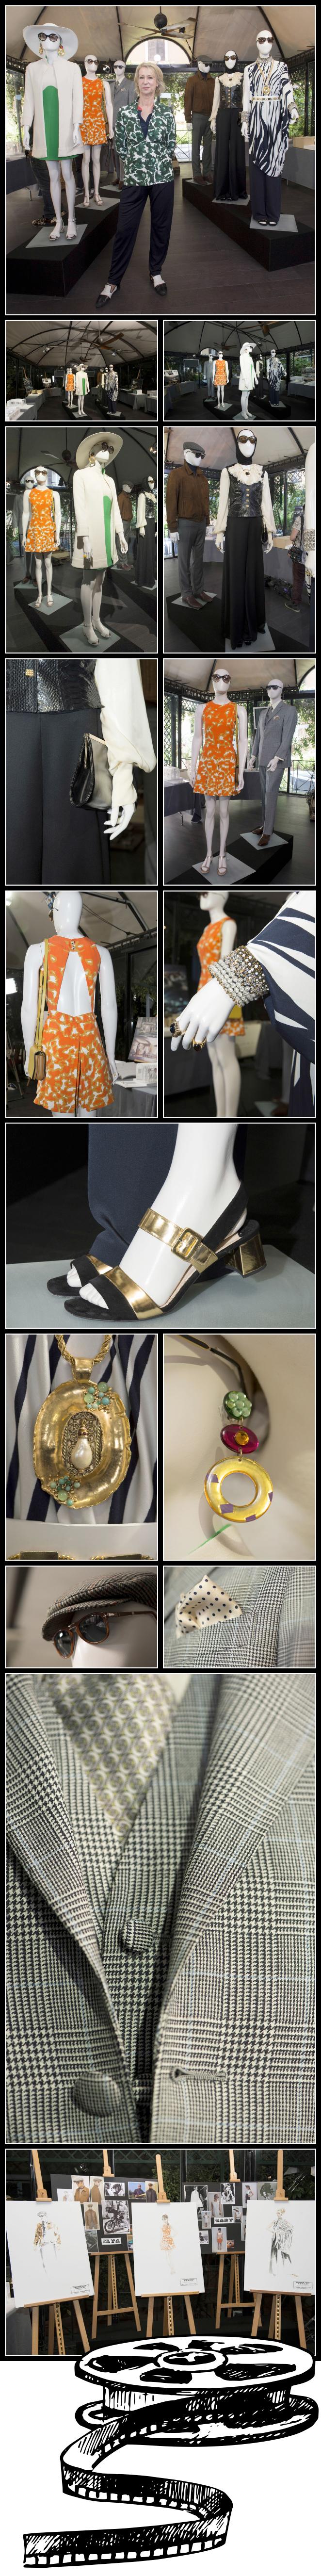 Teniendo como base la inspiración vintage, fenómeno del que soy fan absoluta!!Los accesorios también me enamoraron, en especial los pendientes que luce la guapísima Alicia Vikander!!